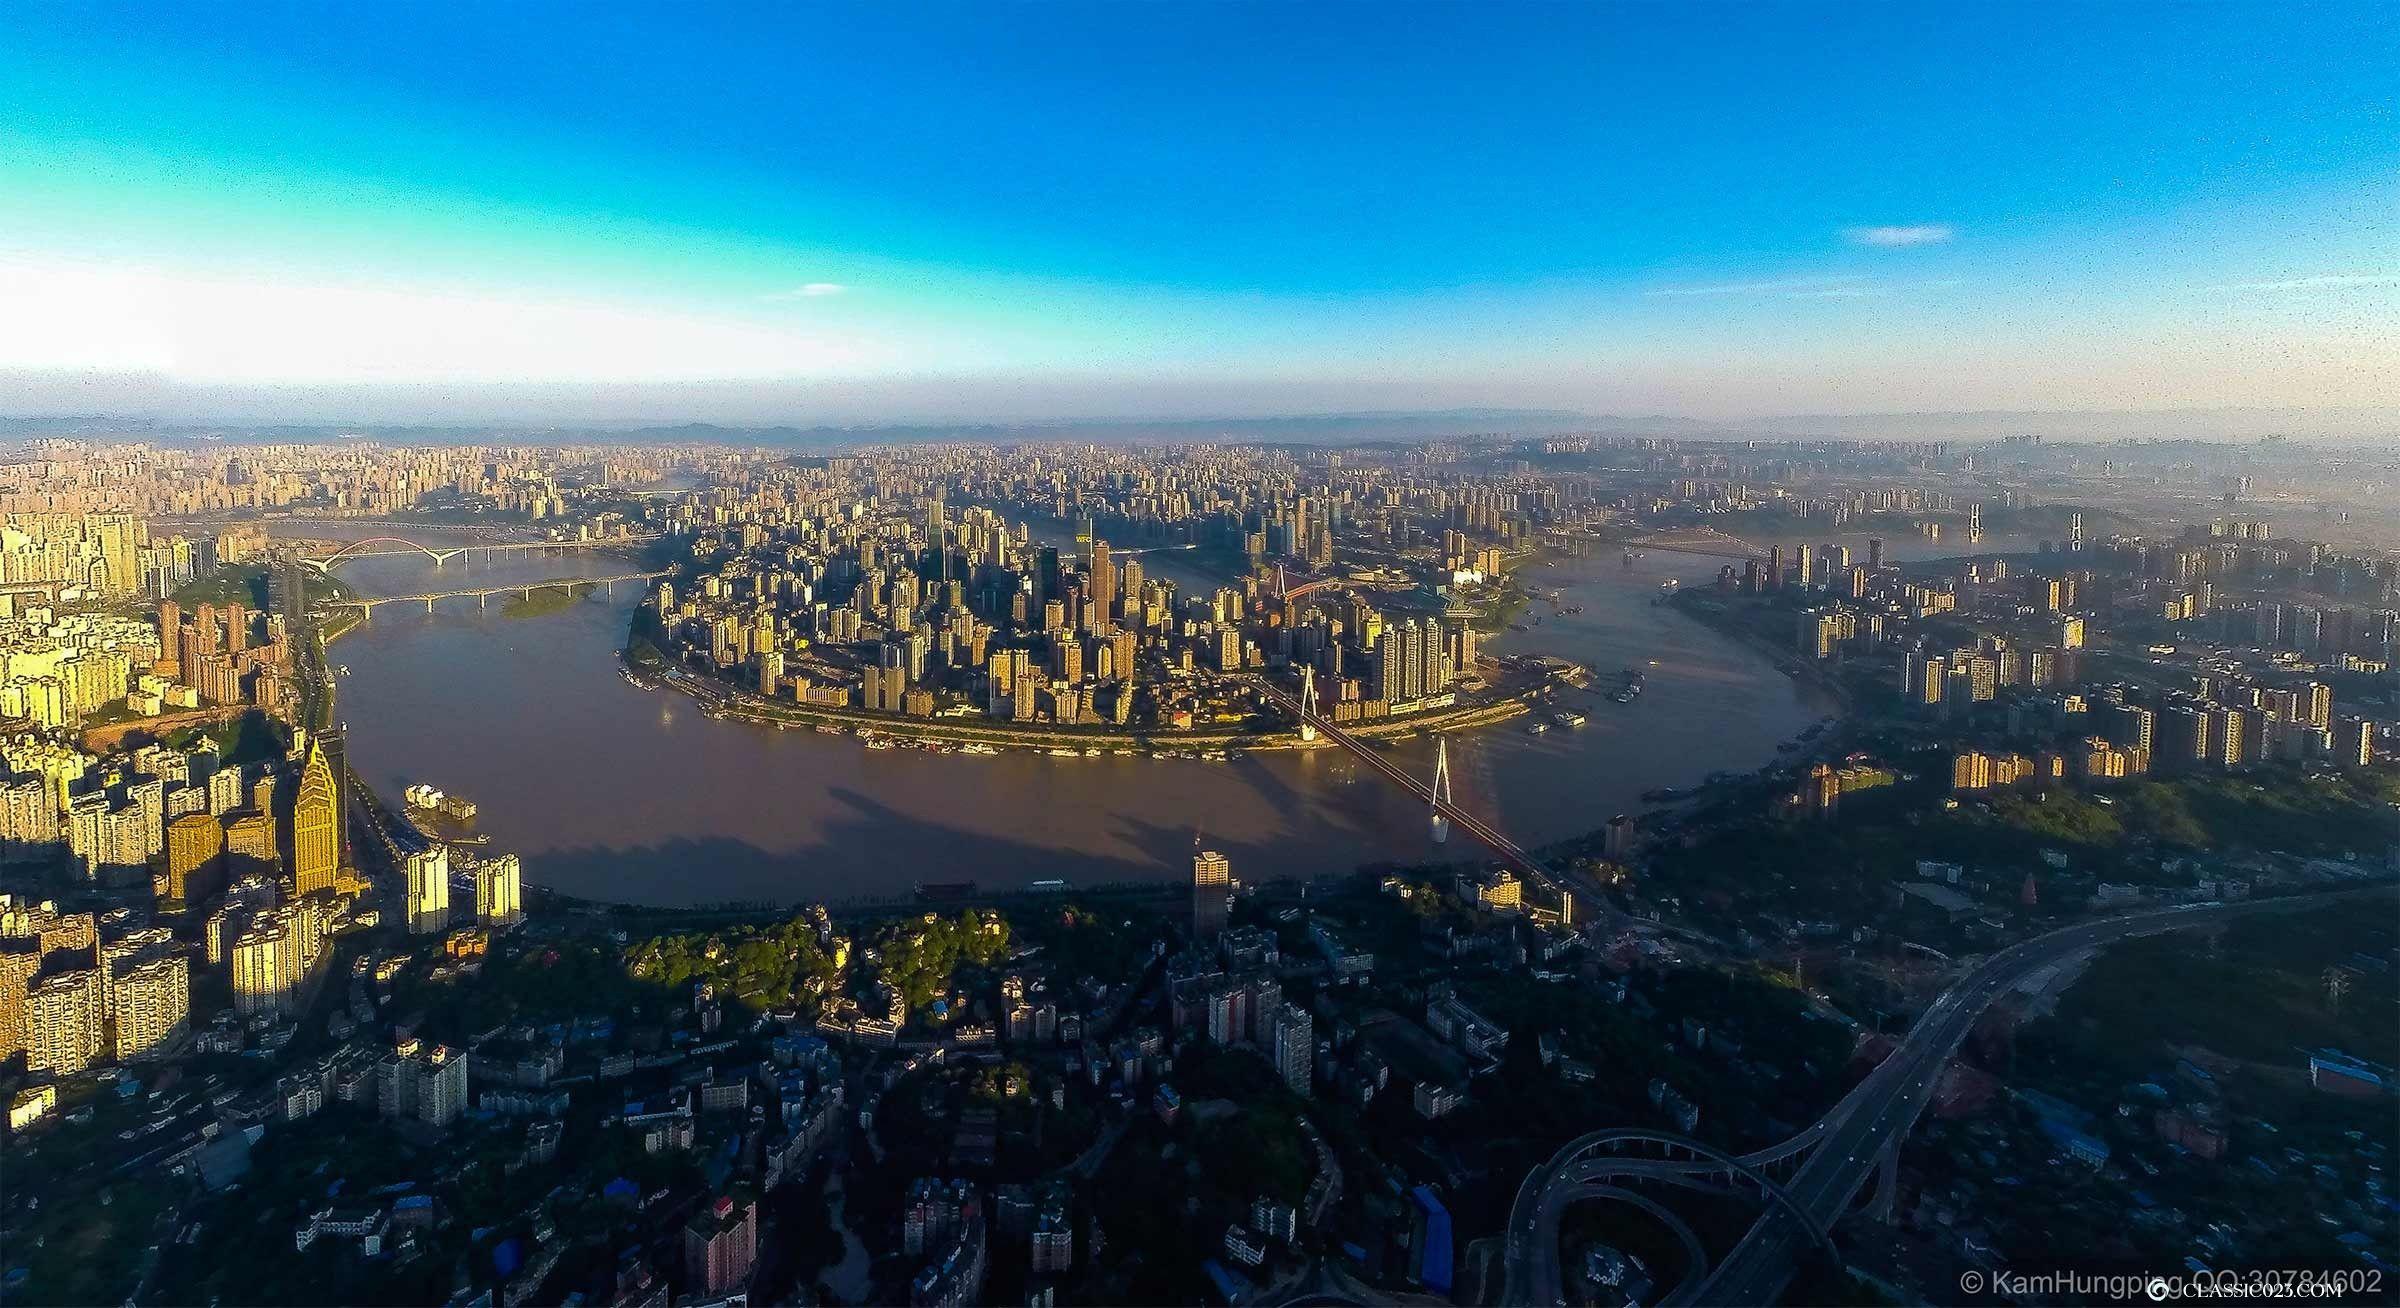 2021年4月重慶各區房價排行榜,重慶房價小幅度下降